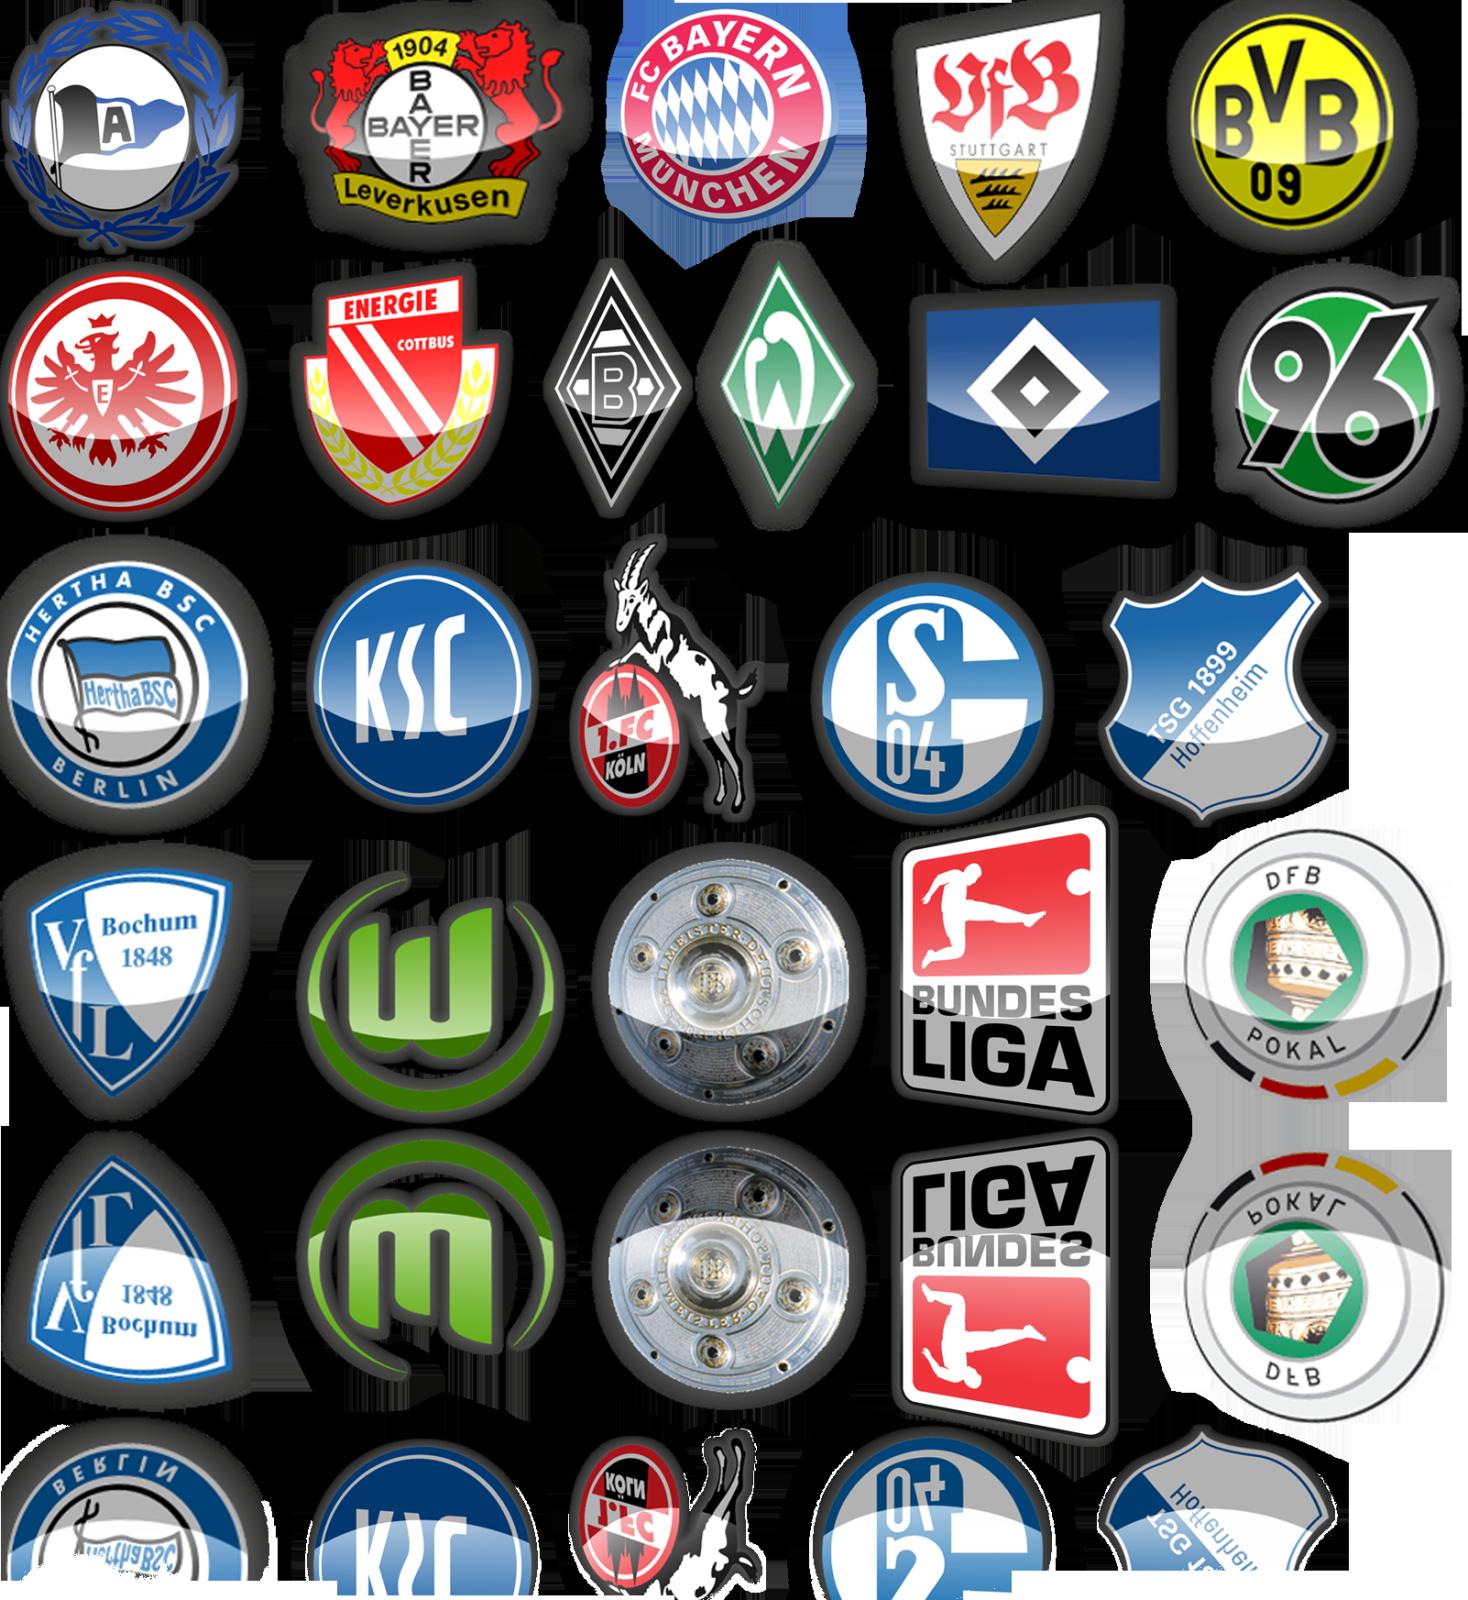 bundesliga 1. liga